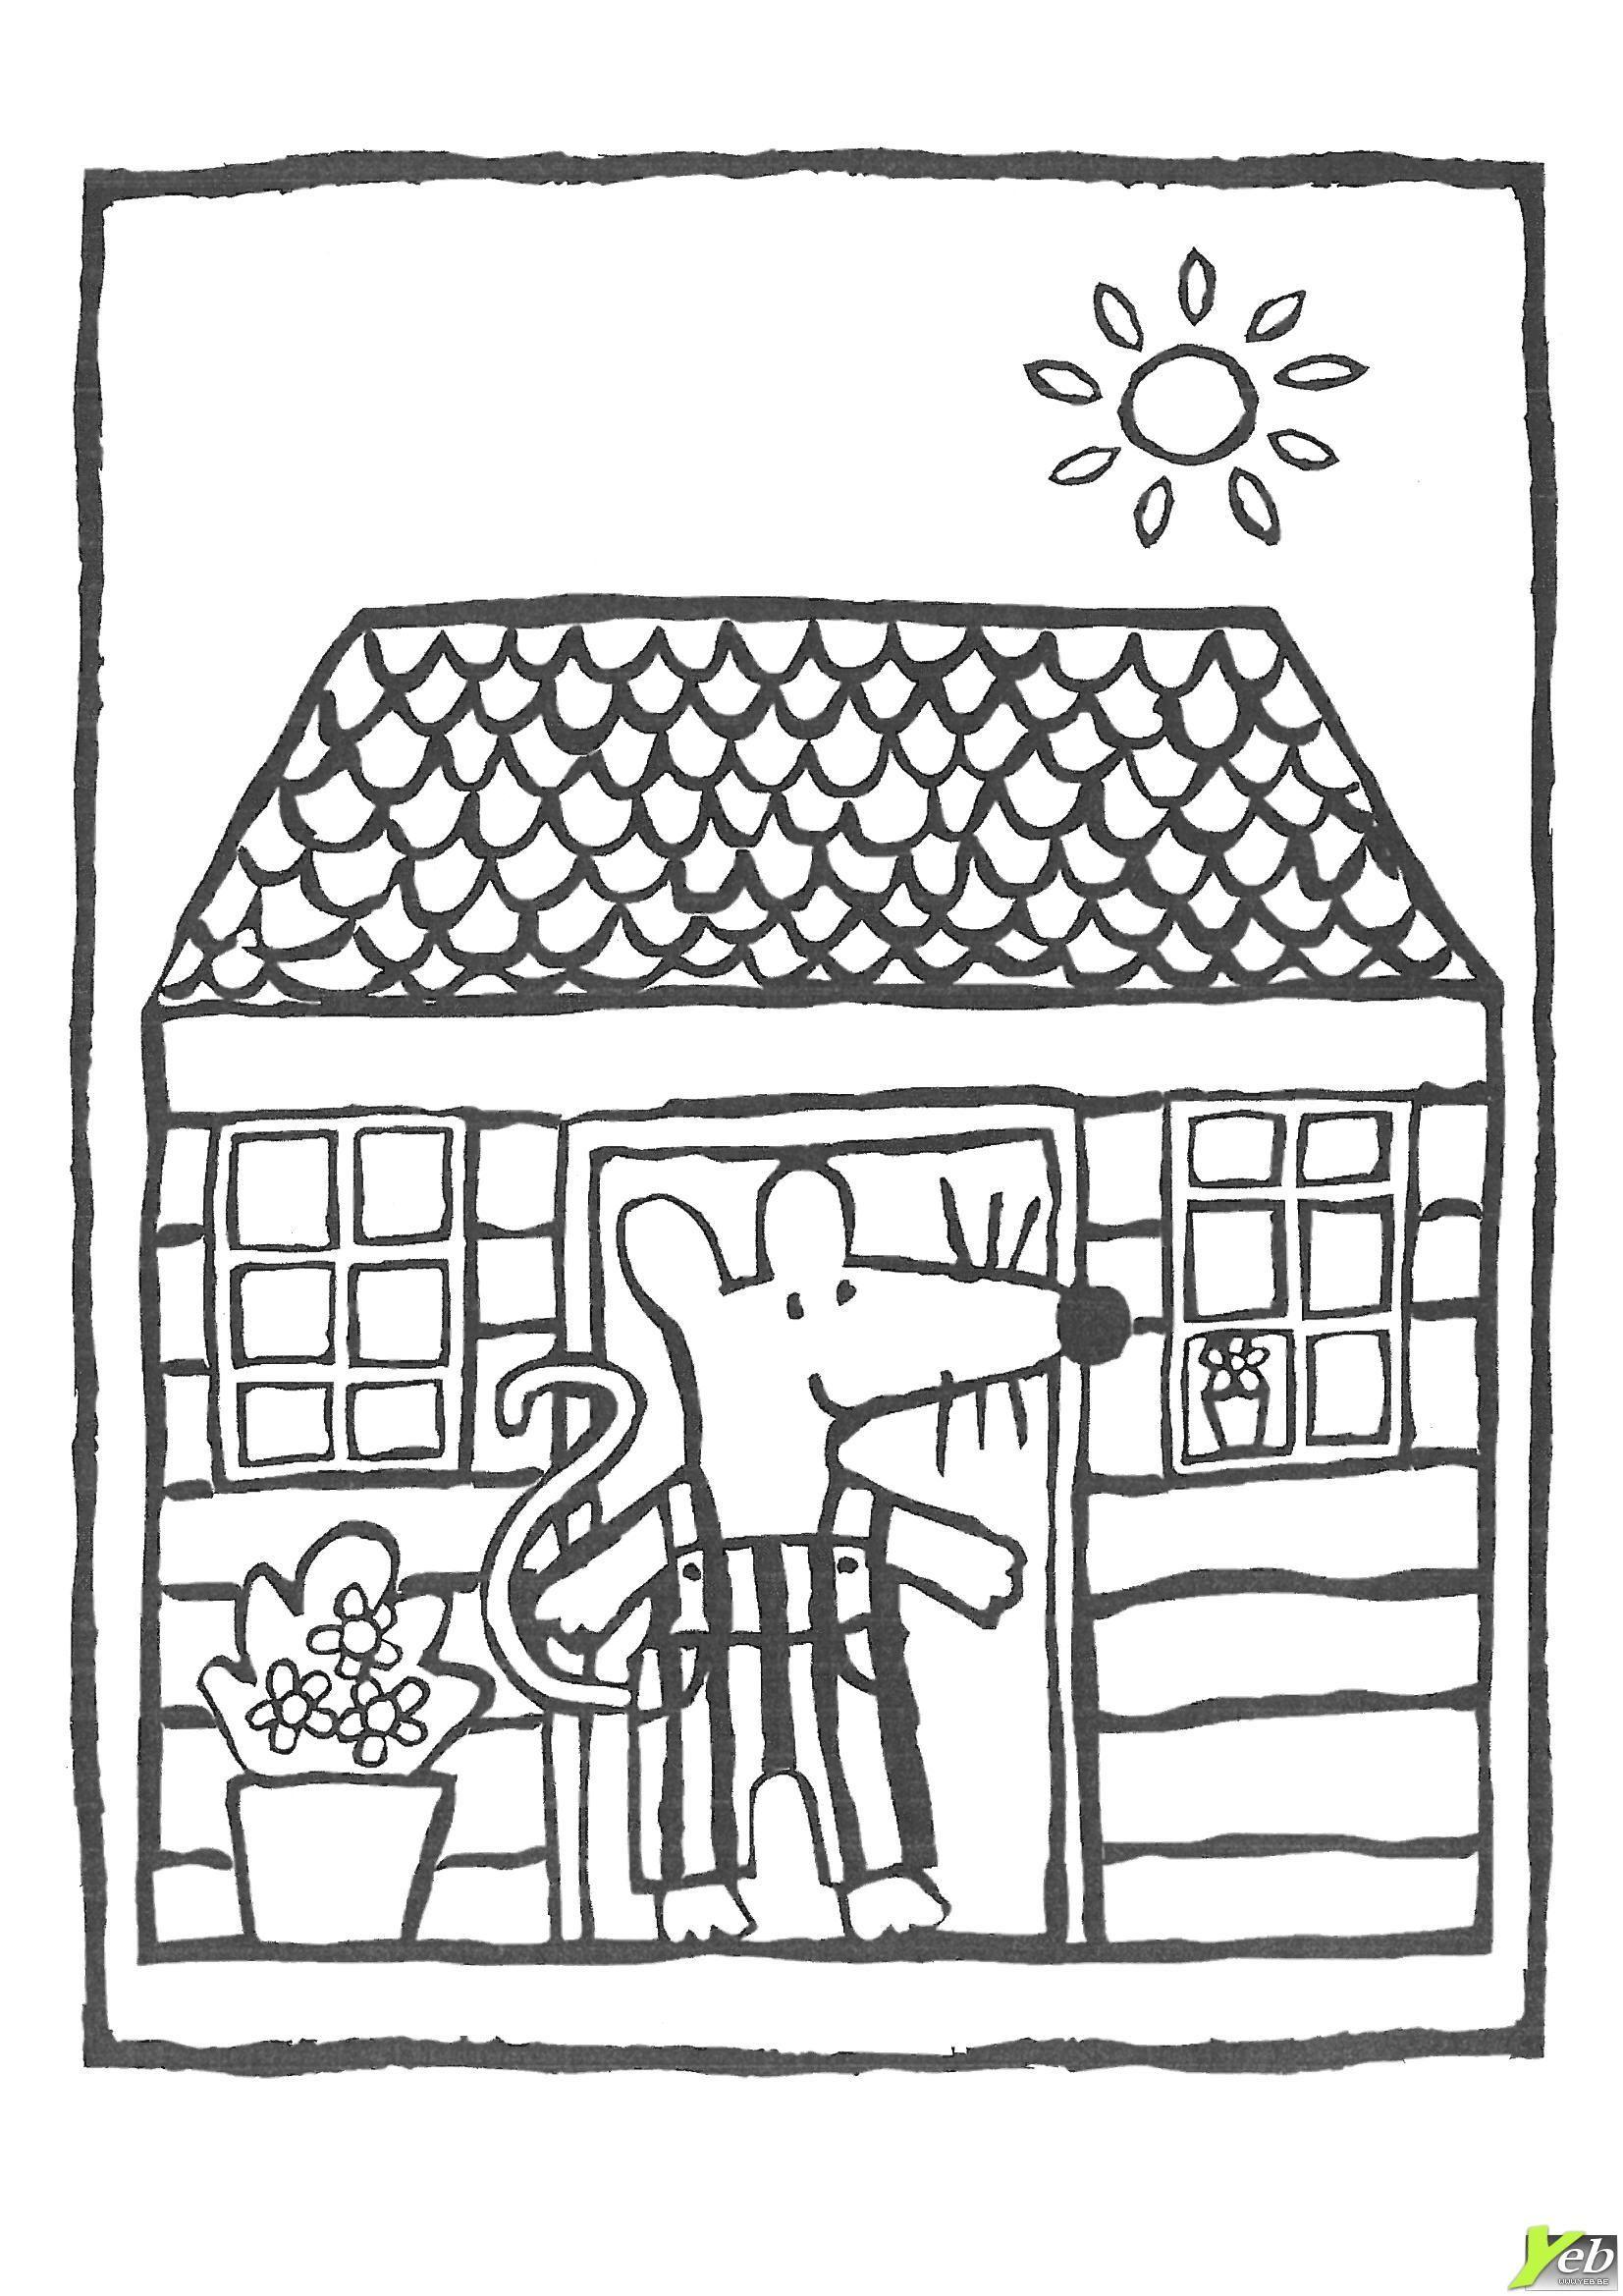 Mimi dans sa maison coloriage ernest c lestine pinterest maisy mouse mouse illustration - Coloriage souris verte ...